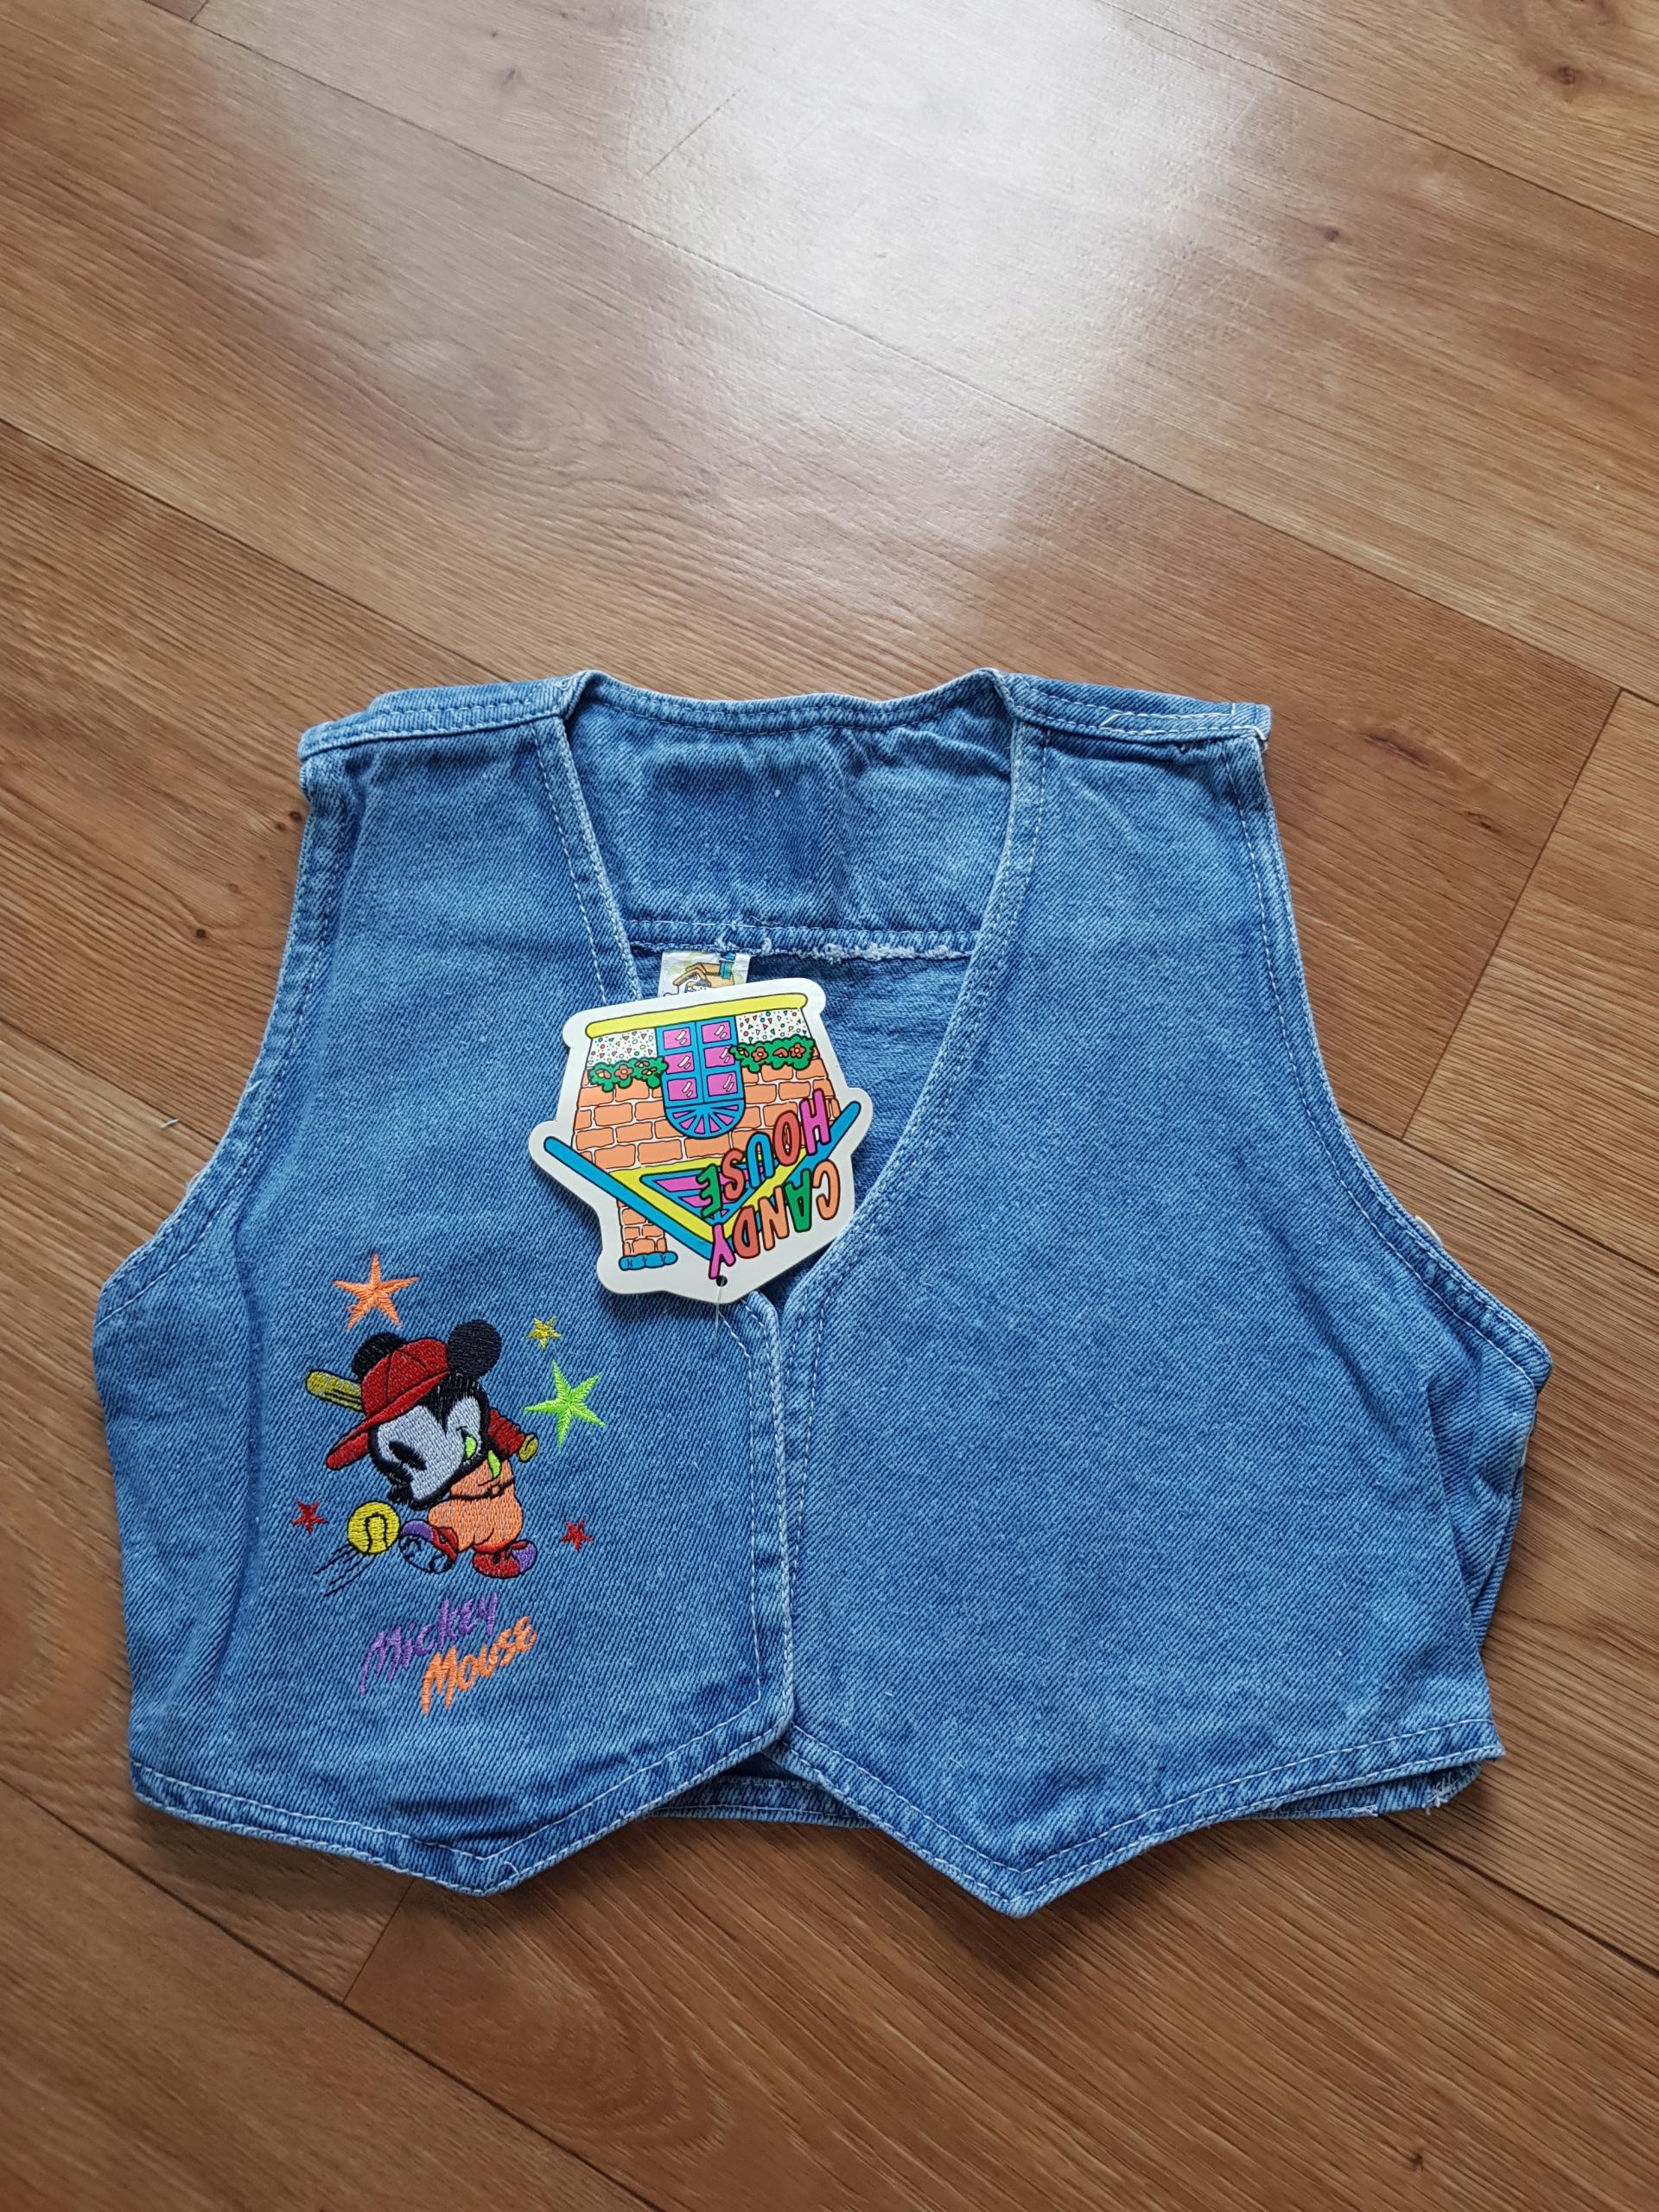 Kamizelka bezrękawnik dziecięca jeans myszka miki